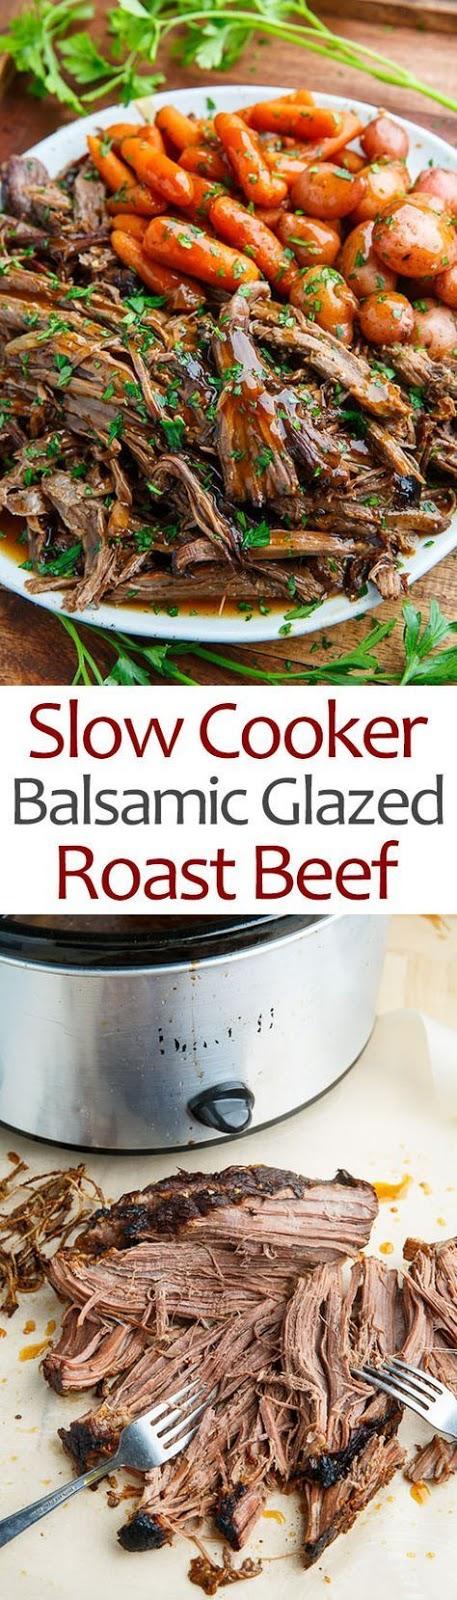 Delicios Slow Cooker Balsamic Glazed Roast Beef